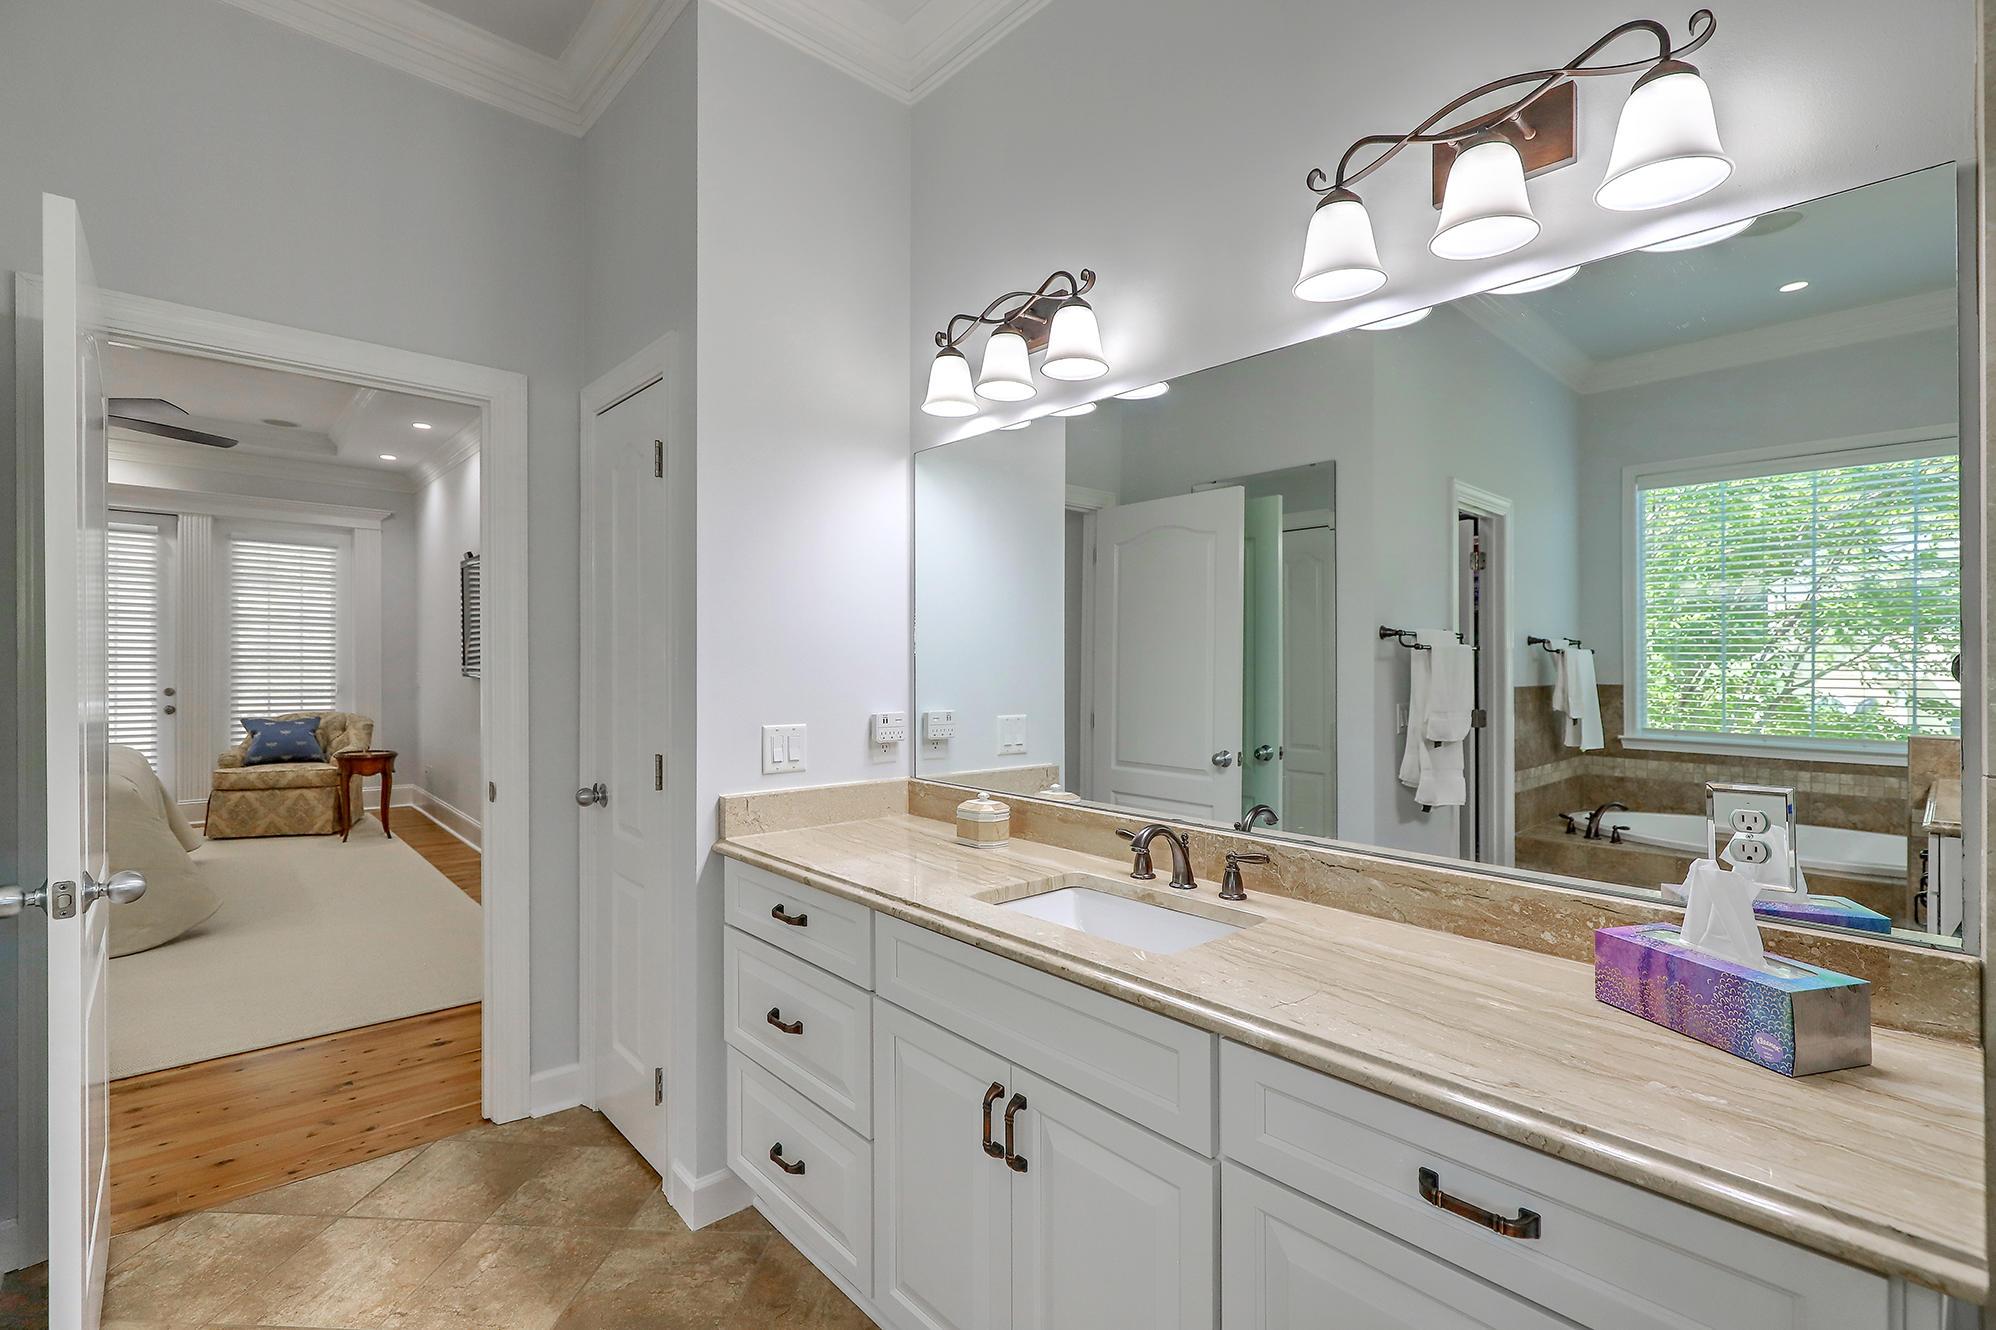 Park West Homes For Sale - 2108 Malcolm, Mount Pleasant, SC - 18